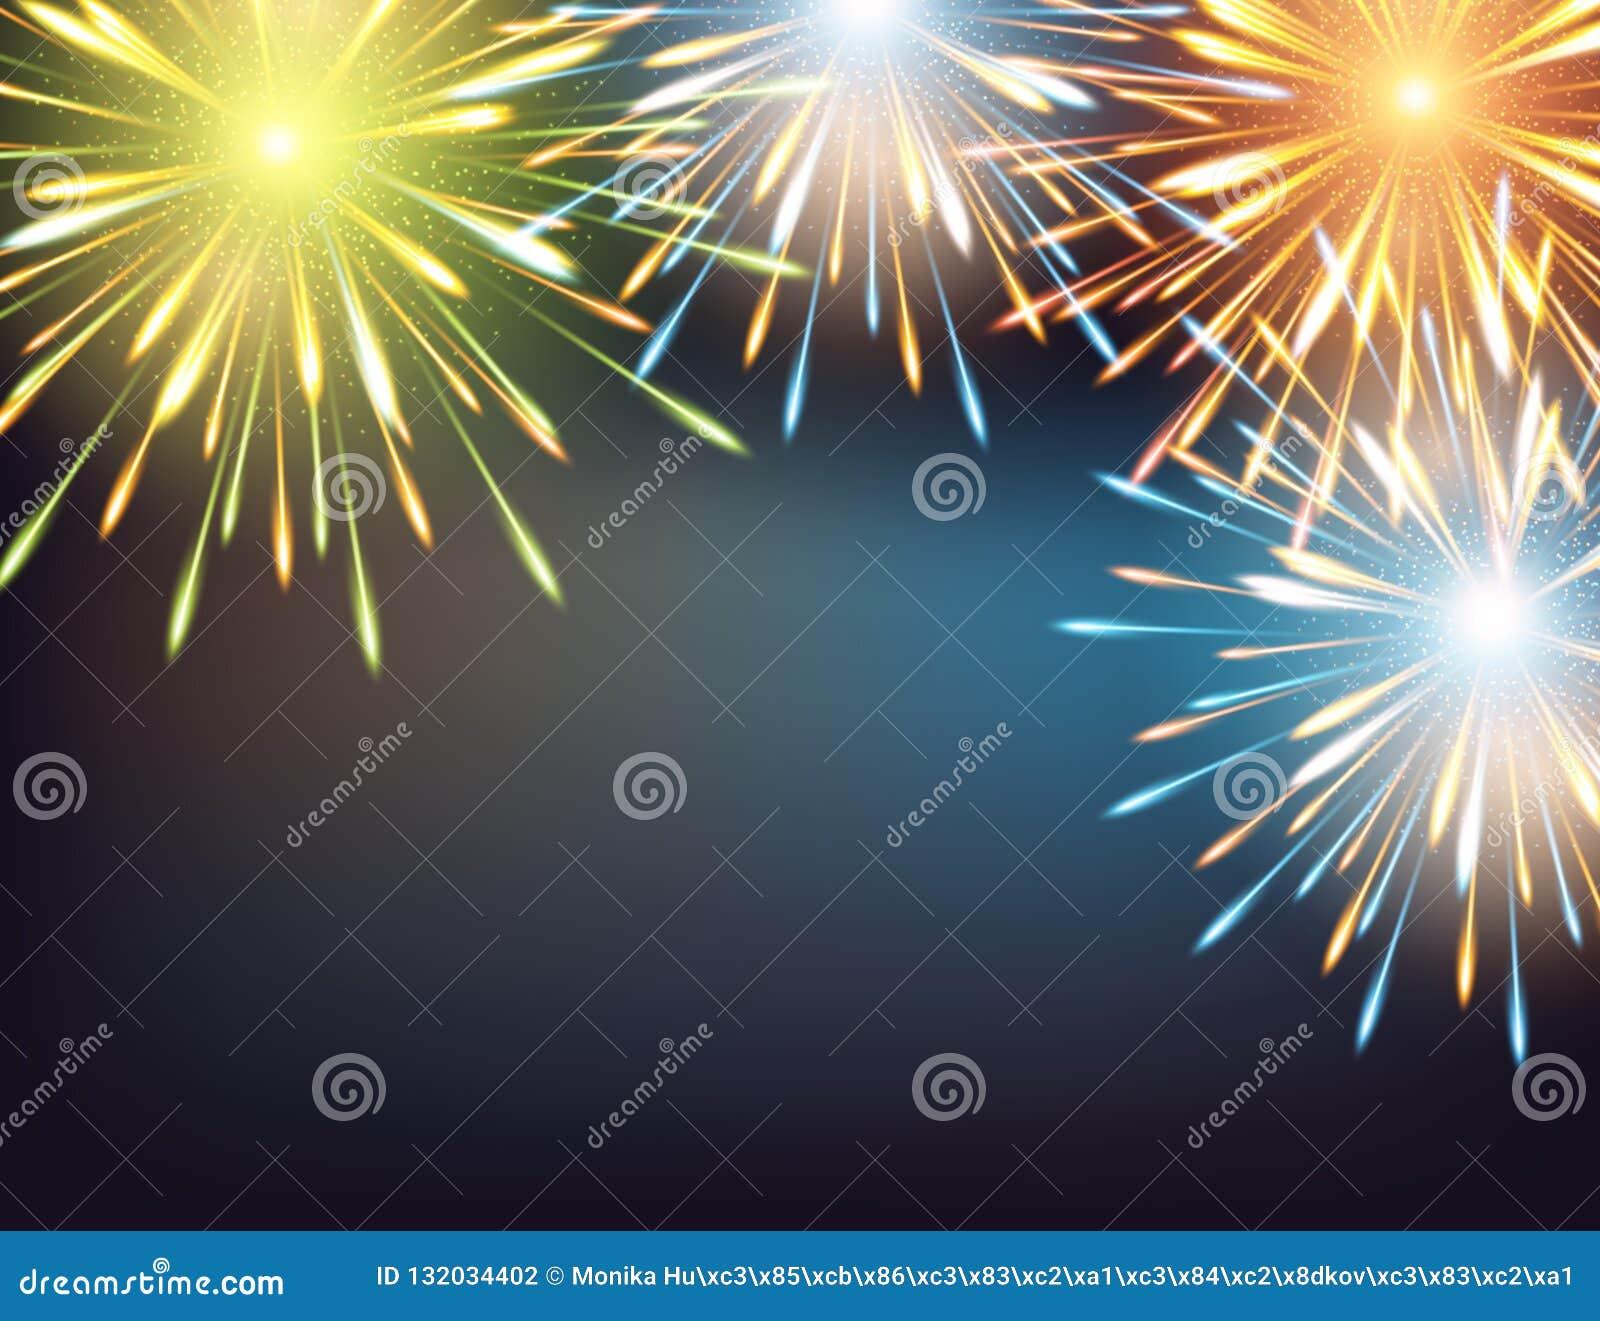 Εκρήξεις πυροτεχνημάτων το πλαίσιο σε μια ευχετήρια κάρτα στην καλή χρονιά